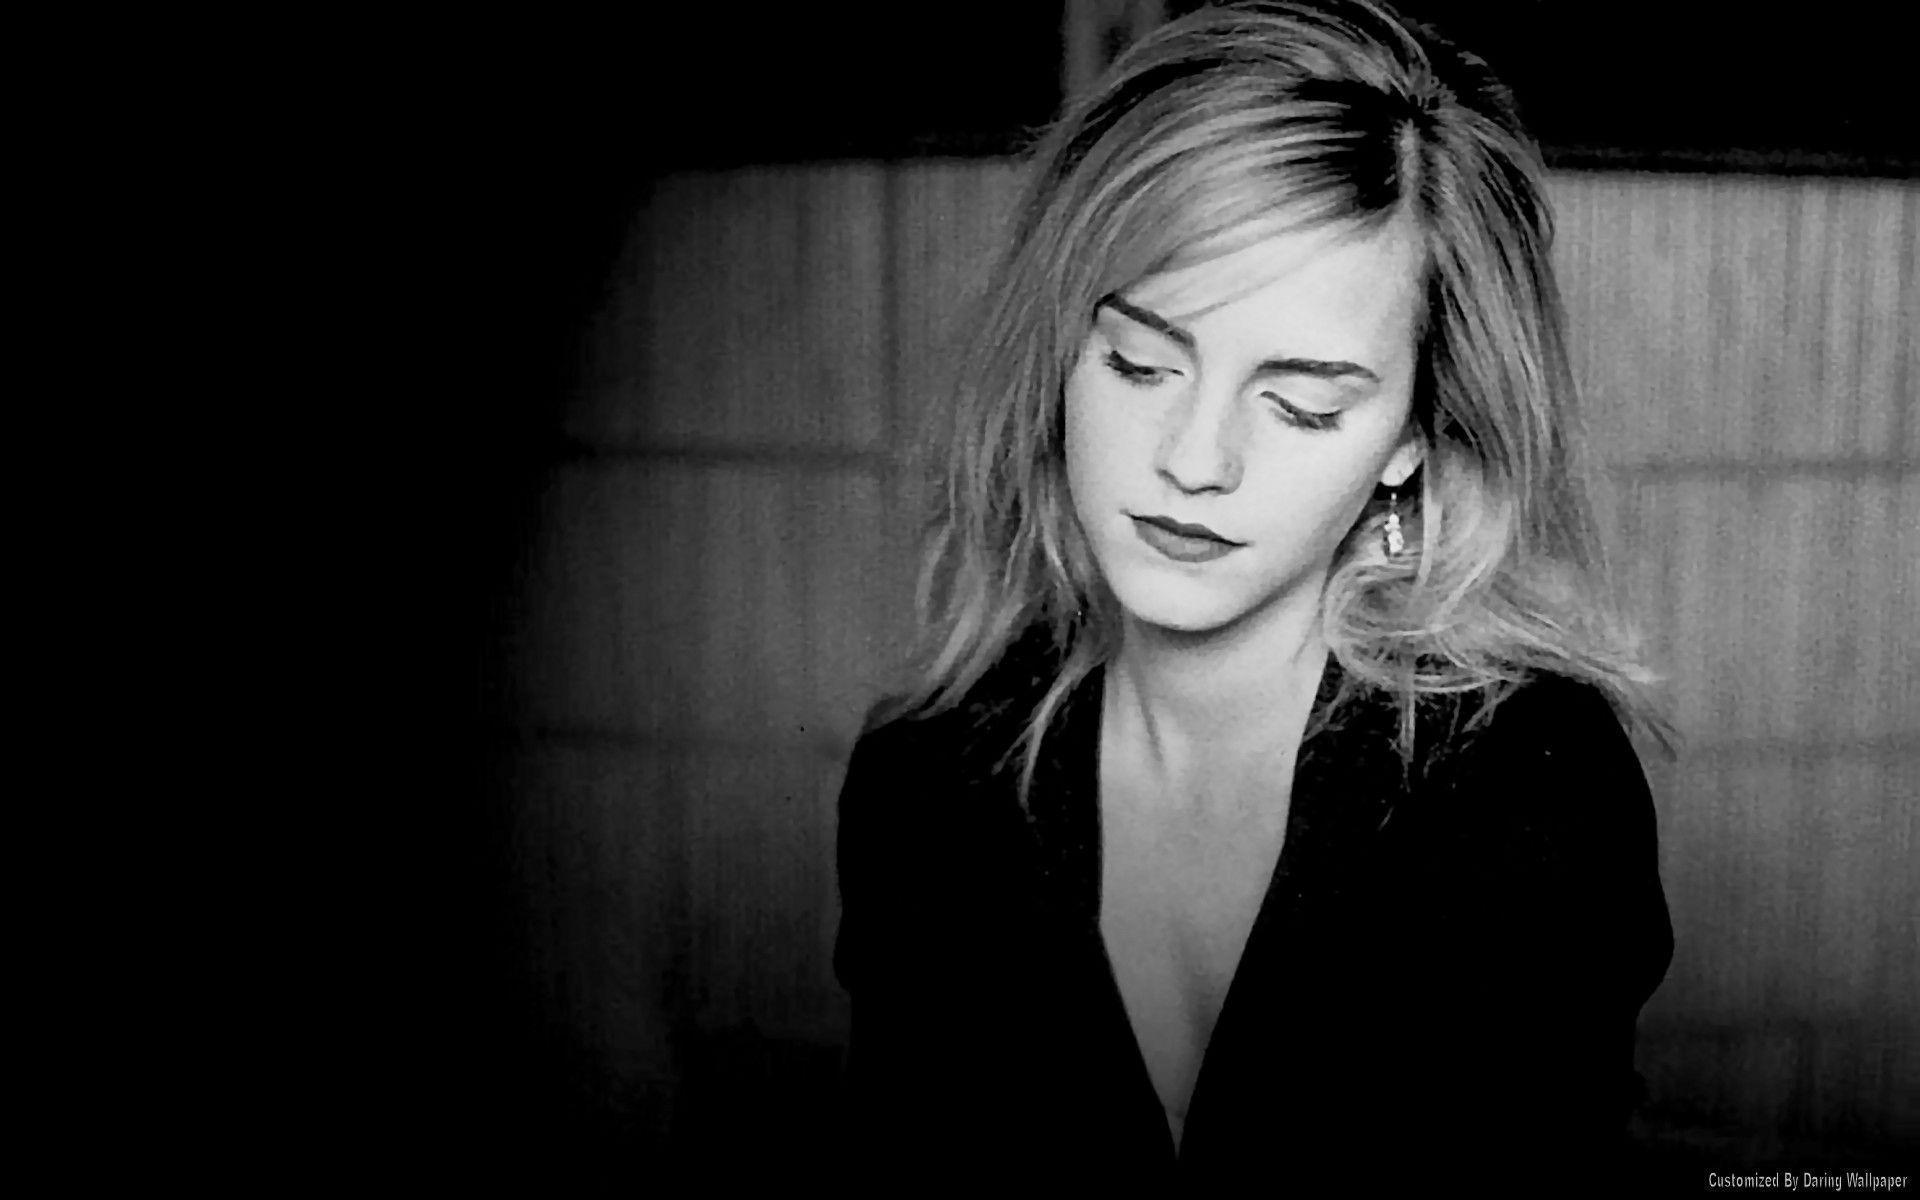 Emma Watson Wallpaper - Emma Watson Wallpaper (20011787) - Fanpop